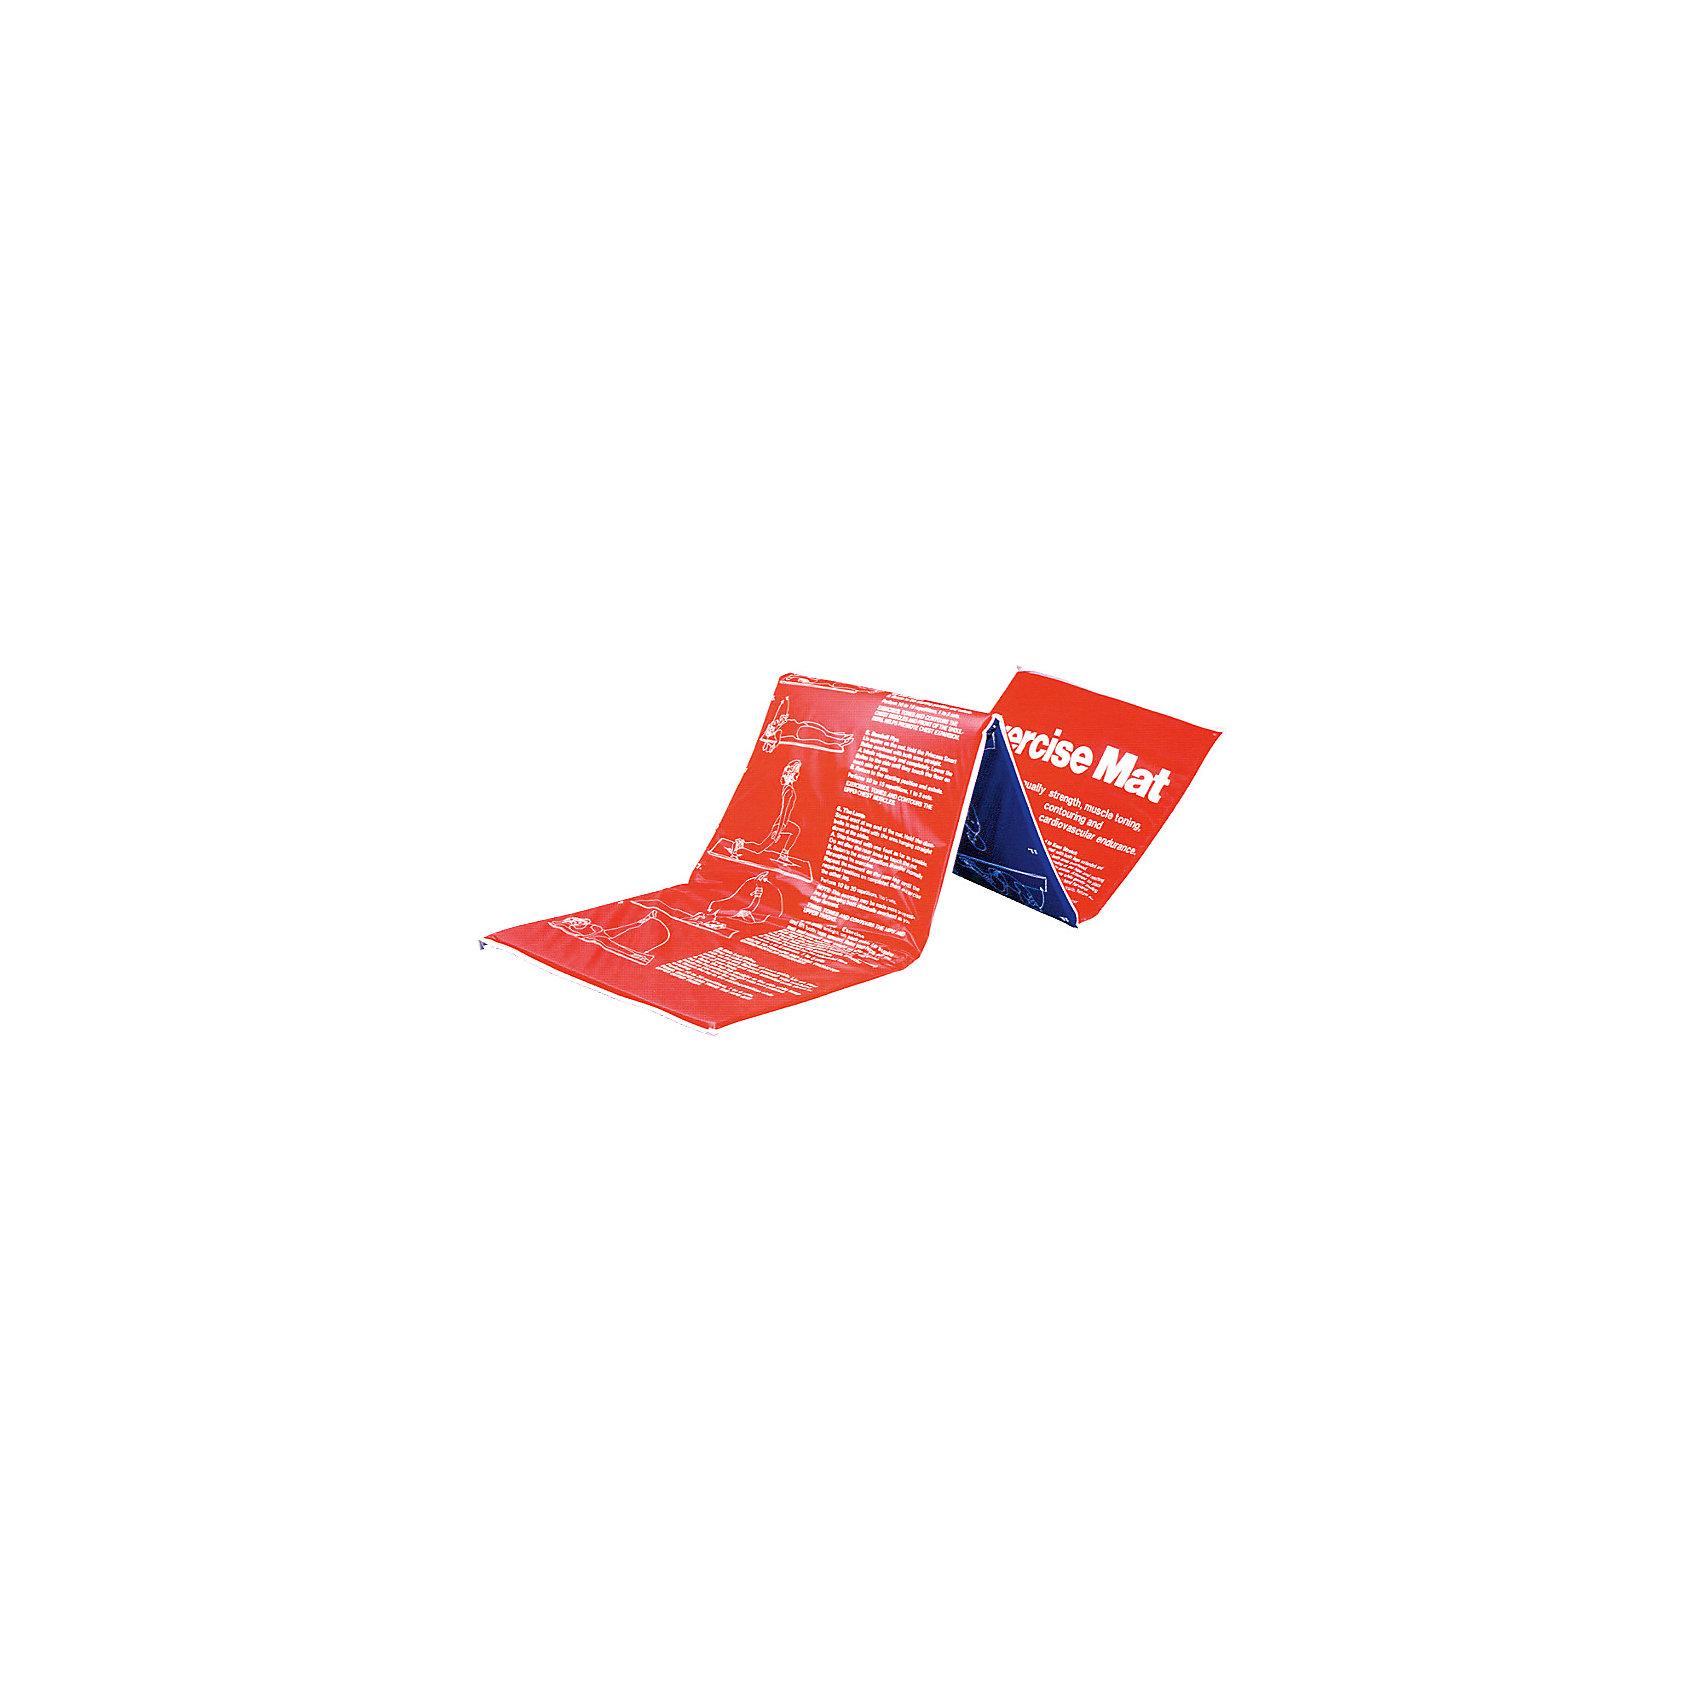 Мат гимнастический RJ0814, Z-SportsСпортивные коврики<br>Основные характеристики<br><br>Материал: верхний слой - полиэстер, полиуретан; наполнитель - поролон<br>Размер: длина - 180см, ширина - 60см, толщина - 2,5см <br>Вес: 600г<br>Цвет: красный/синий<br>Вид применения: для занятий фитнесом, гимнастикой, аэробикой<br>Страна-производитель: Китай<br>Упаковка: полиэтиленовый пакет со стикером<br><br>Изделие изготовлено из современного материала, мягкого, но одновременно достаточно прочного, способного выдержать сильные механические нагрузки. Применяется для занятий йогой, фитнесом и аэробикой как в домашних условиях, так и в спортзалах. На поверхности мата изображен комплекс упражнений. <br>Защитит ваши колени, локти, спину и голову во время занятий на твердой поверхности. Использовать его могут как взрослые так и дети.<br><br>Преимущества мата RJ0814:<br>- складная конструкция, мягкий наполнитель;<br>- оптимальный размер и вес;<br>- изображение примеров упражнений на мате;<br>- приятный современный дизайн и расцветка;<br>- его легко мыть и хранить.<br><br>Ширина мм: 90<br>Глубина мм: 440<br>Высота мм: 580<br>Вес г: 600<br>Возраст от месяцев: 36<br>Возраст до месяцев: 192<br>Пол: Унисекс<br>Возраст: Детский<br>SKU: 5056624